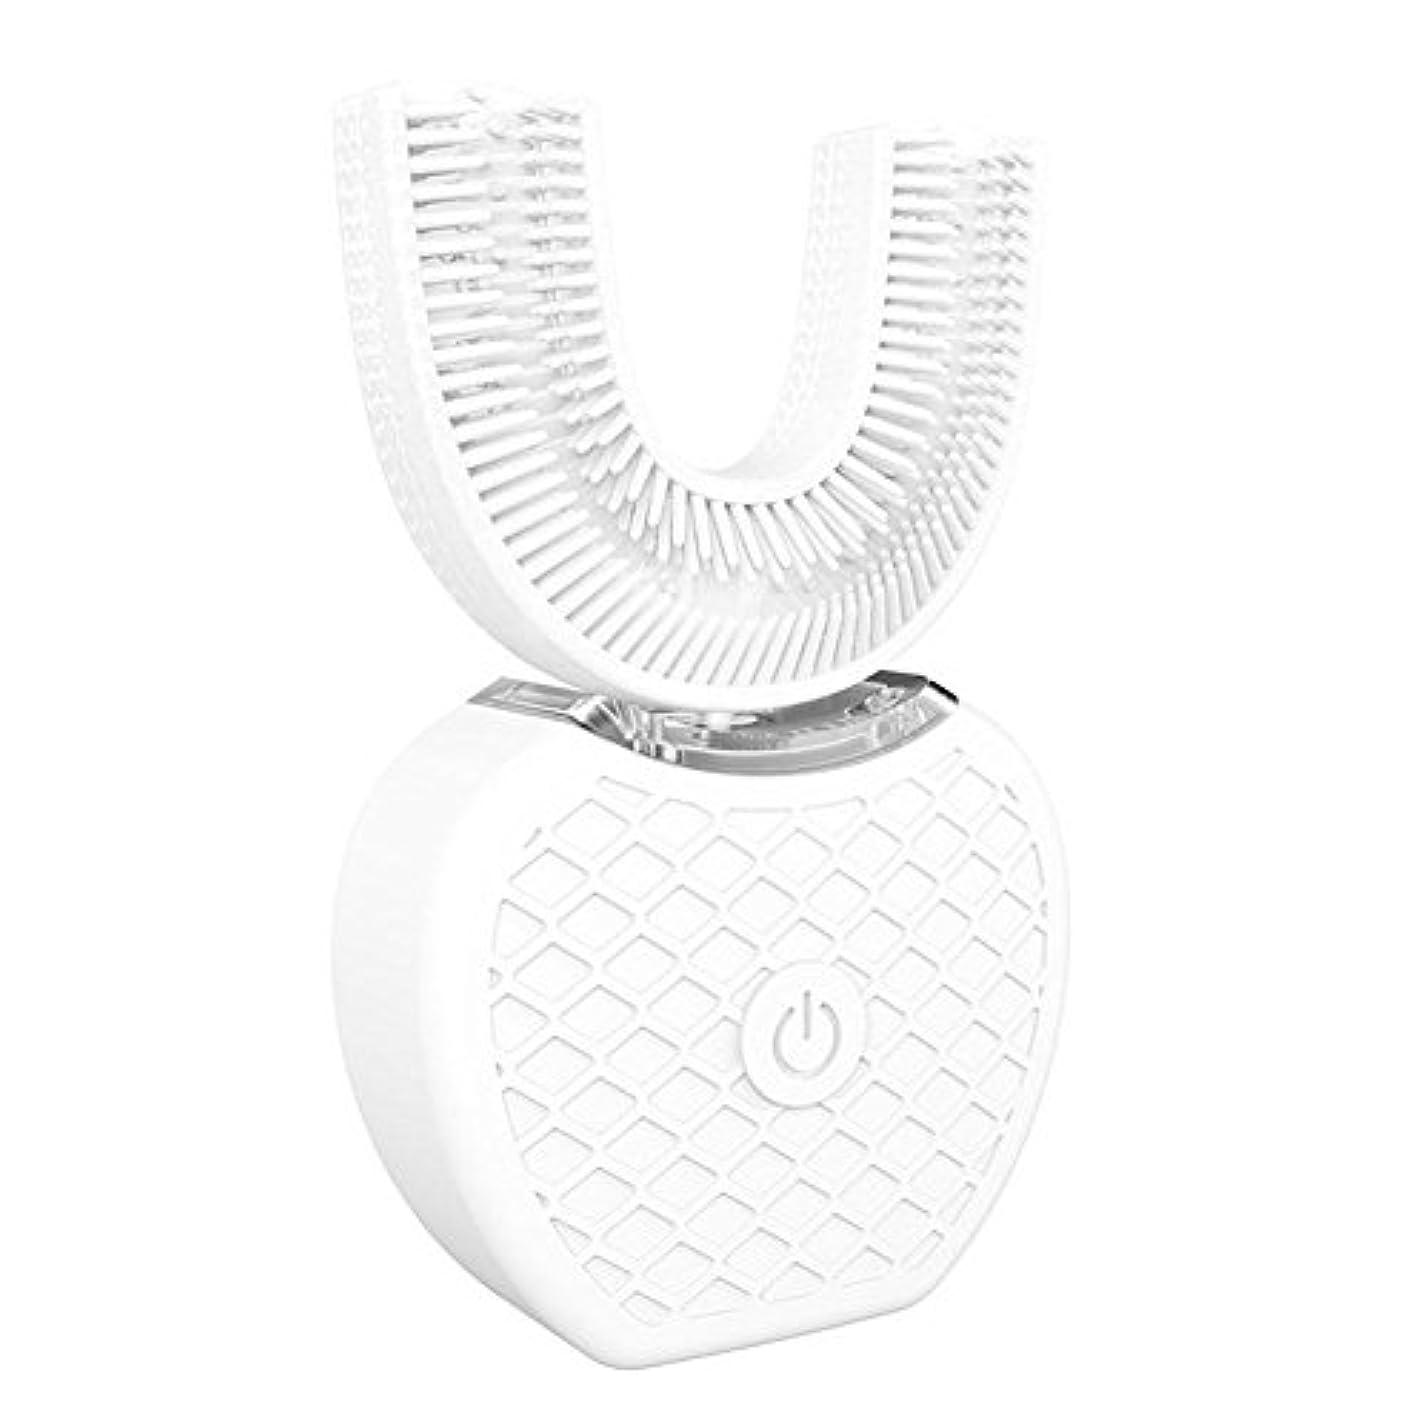 比喩クラックフェリー【Cheng-store】自動周波数超音波電動歯ブラシ360° 怠惰な歯ブラシ白い歯の器具 自動ハンズフリー白色発光 ブラシヘッドをU字型4選択可能なモード